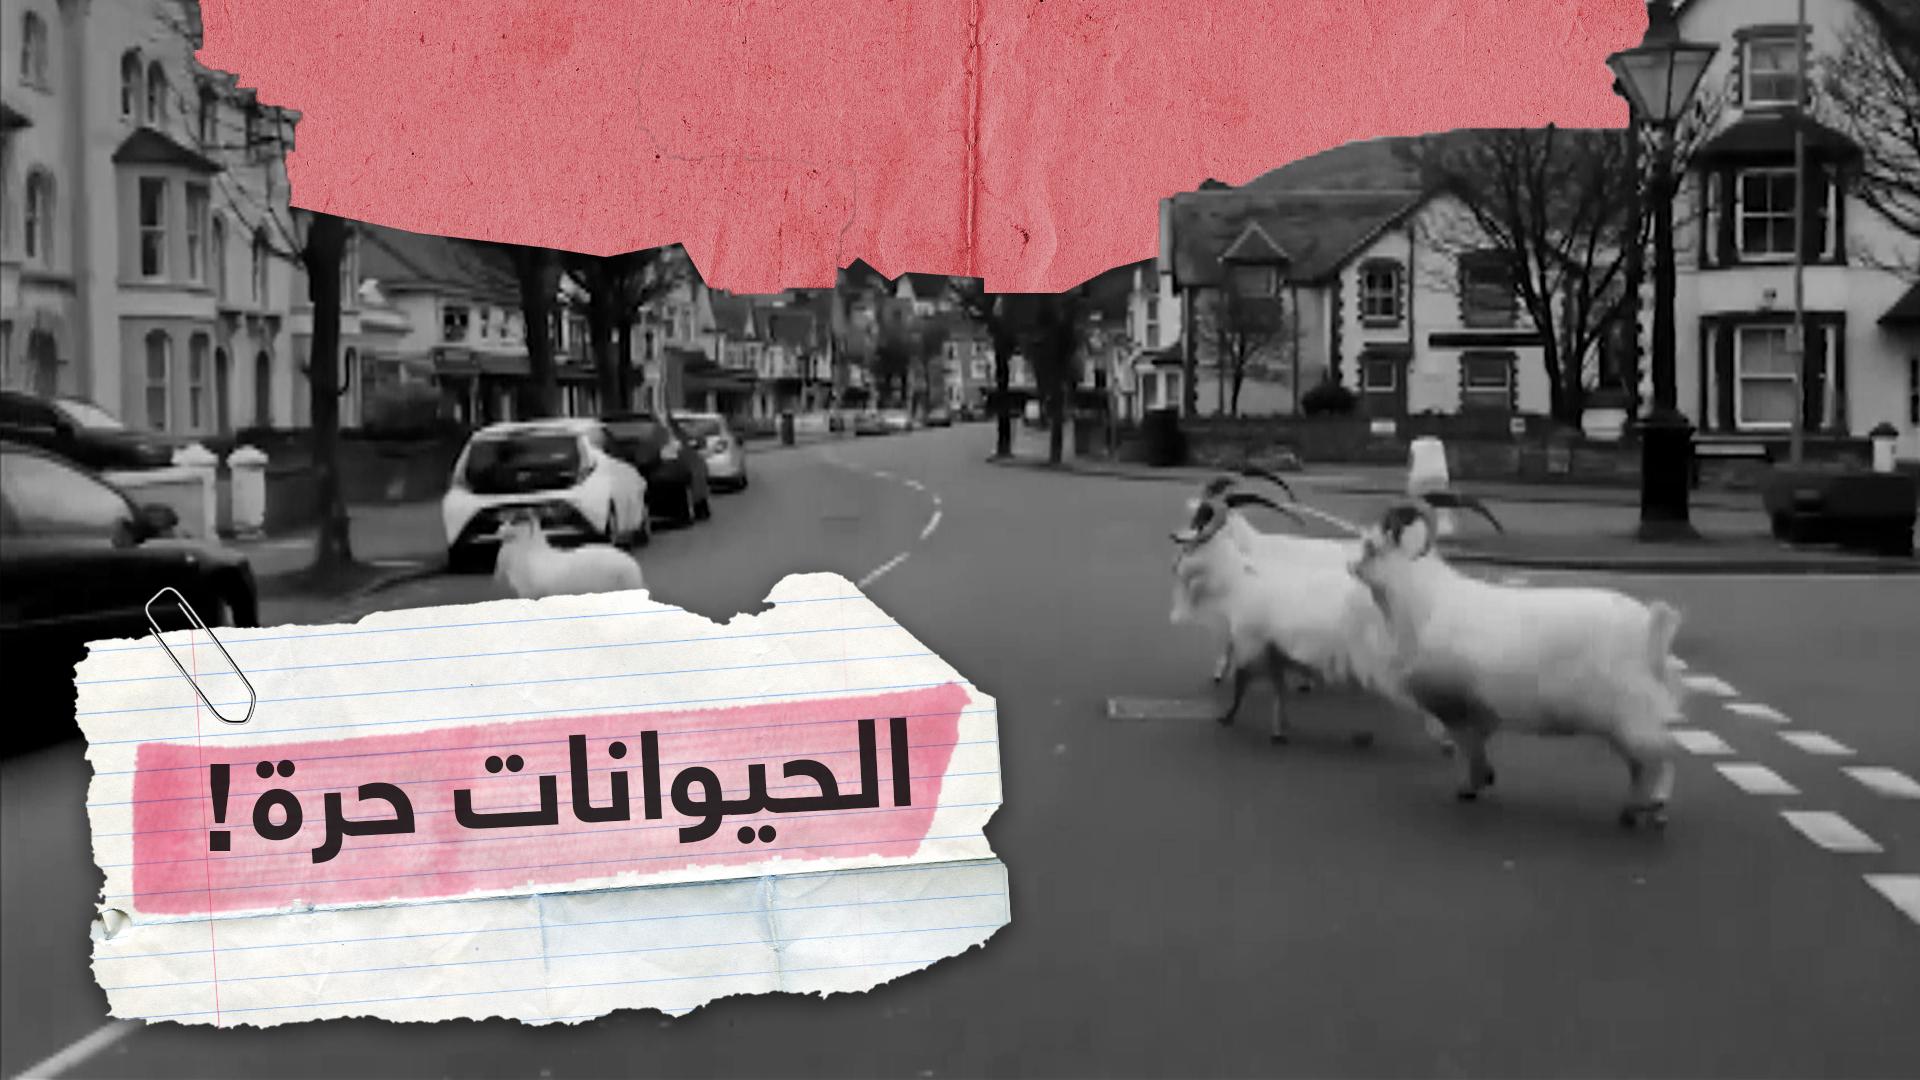 ظهور الحيوانات في مشاهد غير مألوفة في بيئتها الأصلية والشوارع